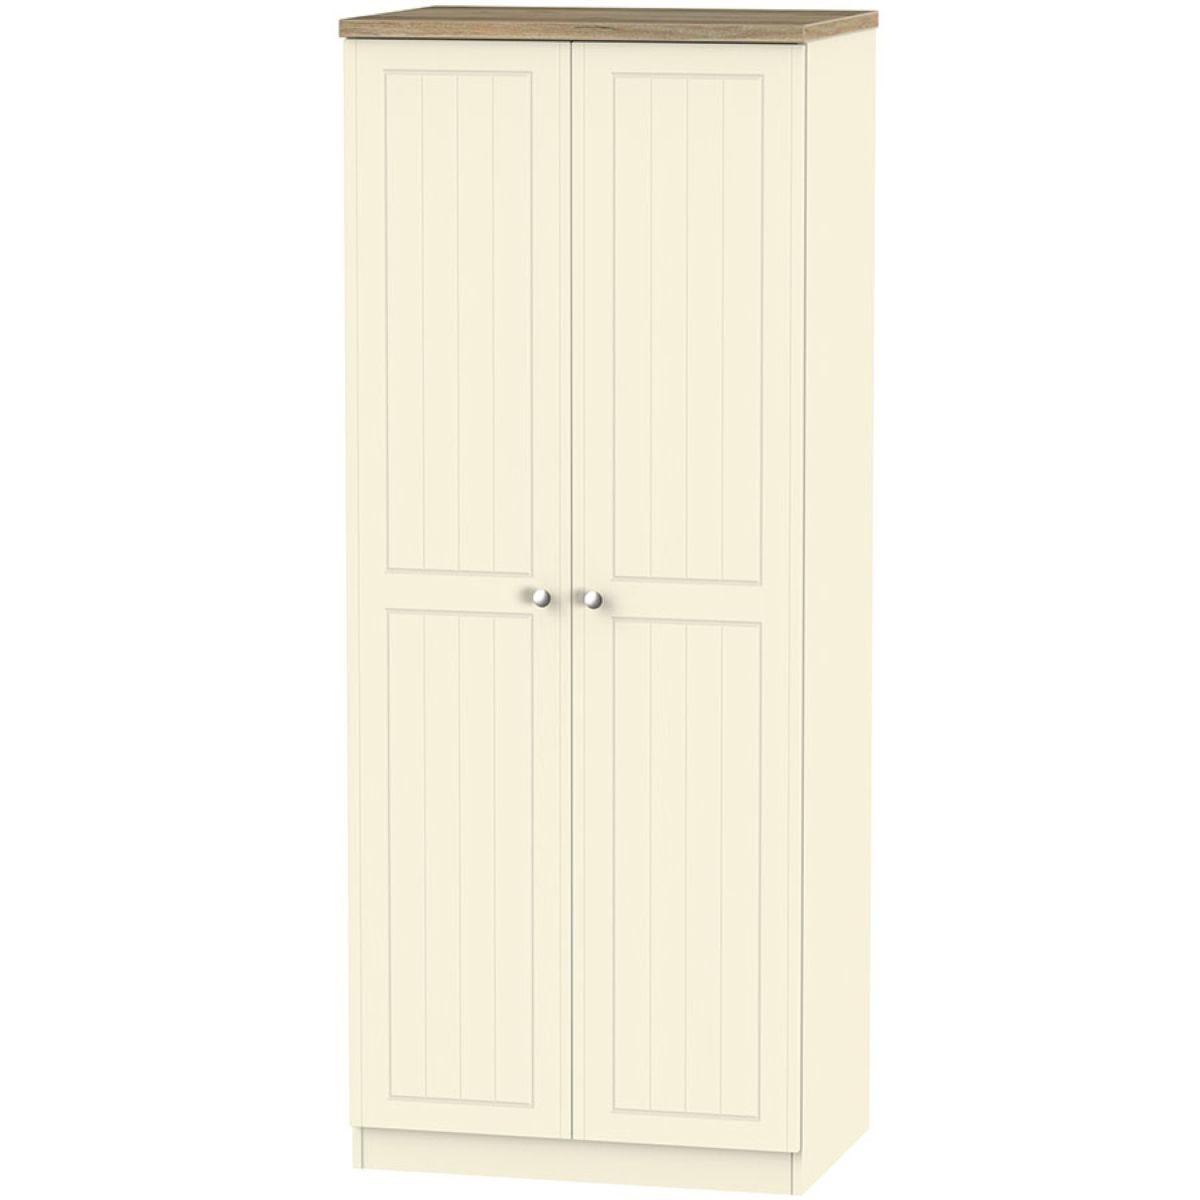 Wilcox 2-Door Wardrobe - Cream Ash